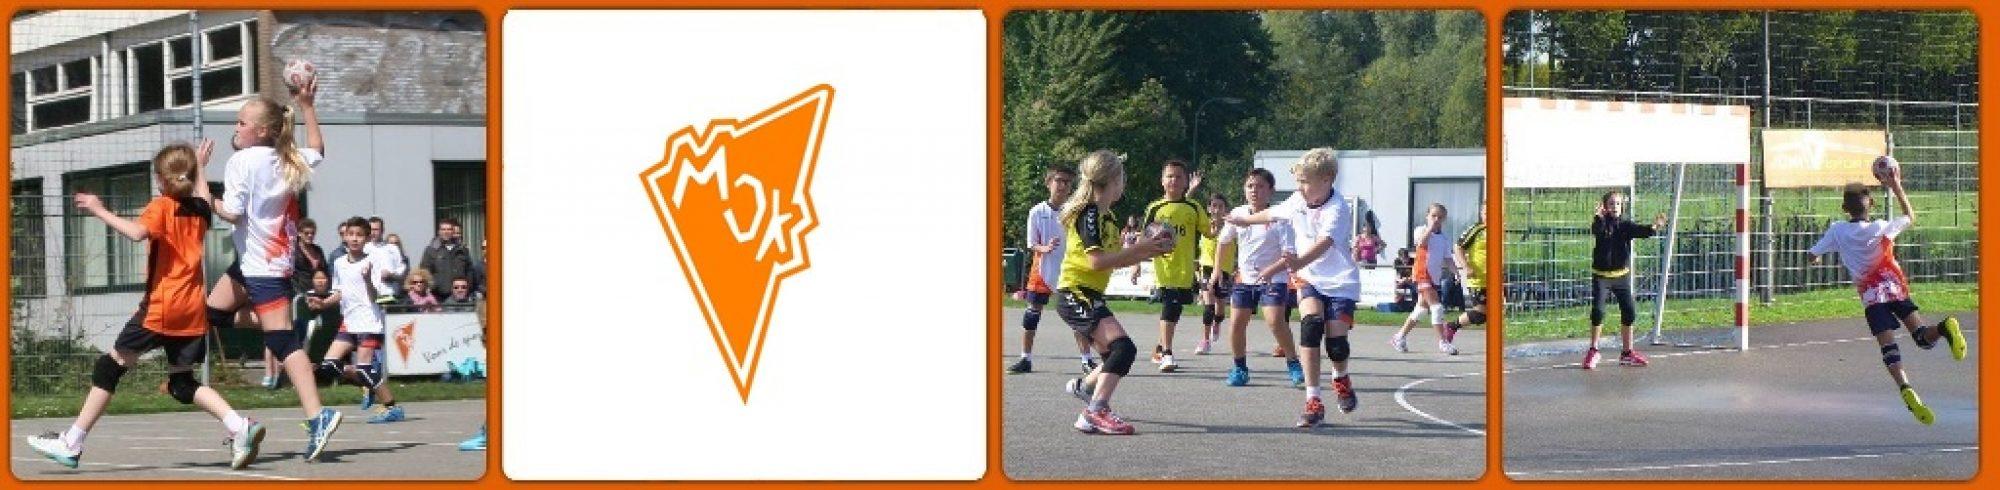 Handbalvereniging M.O.K.